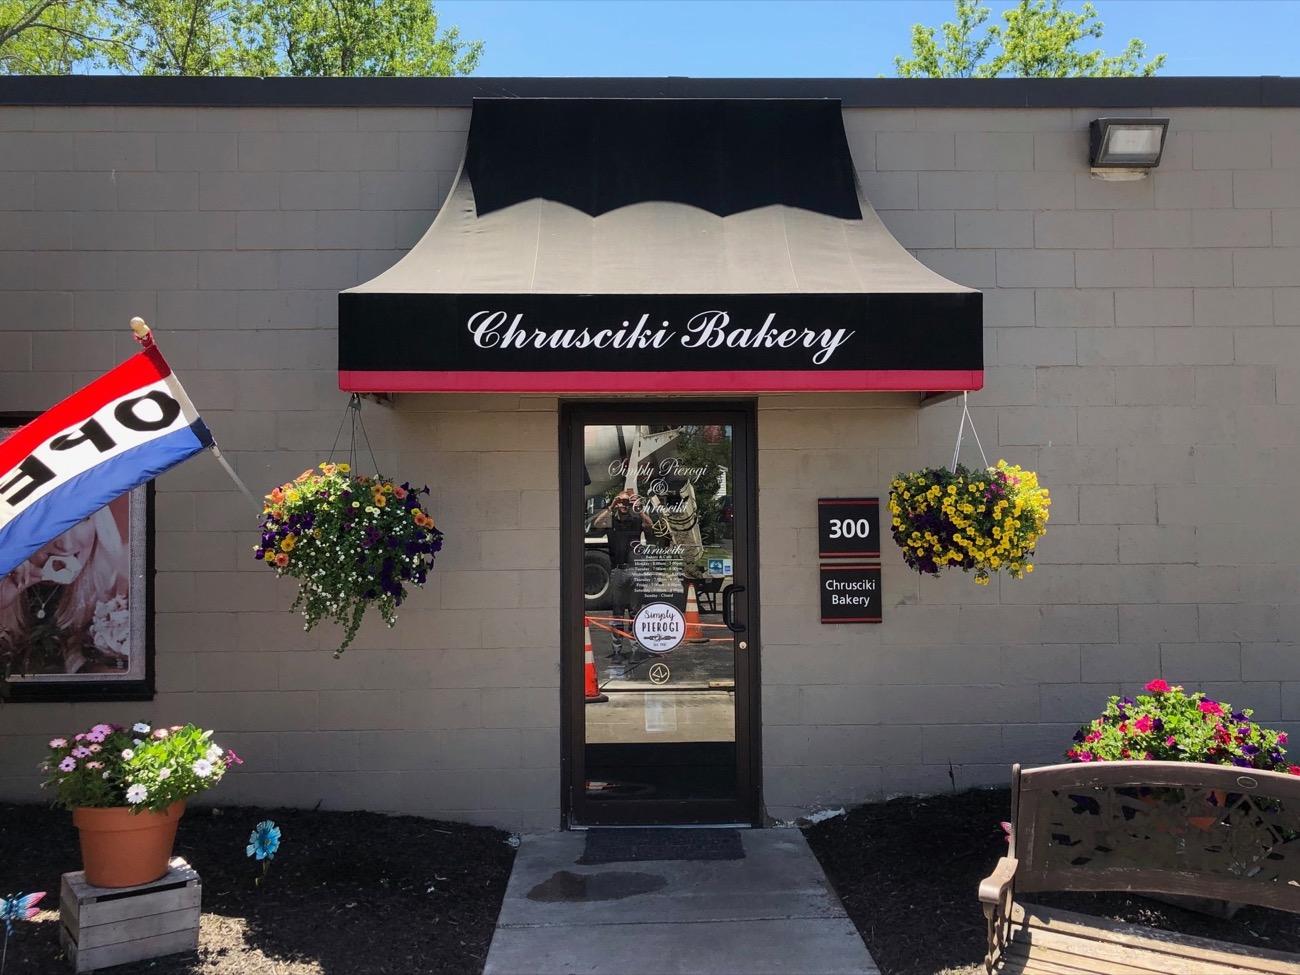 Chrusciki Bakery Lancaster, NY Location